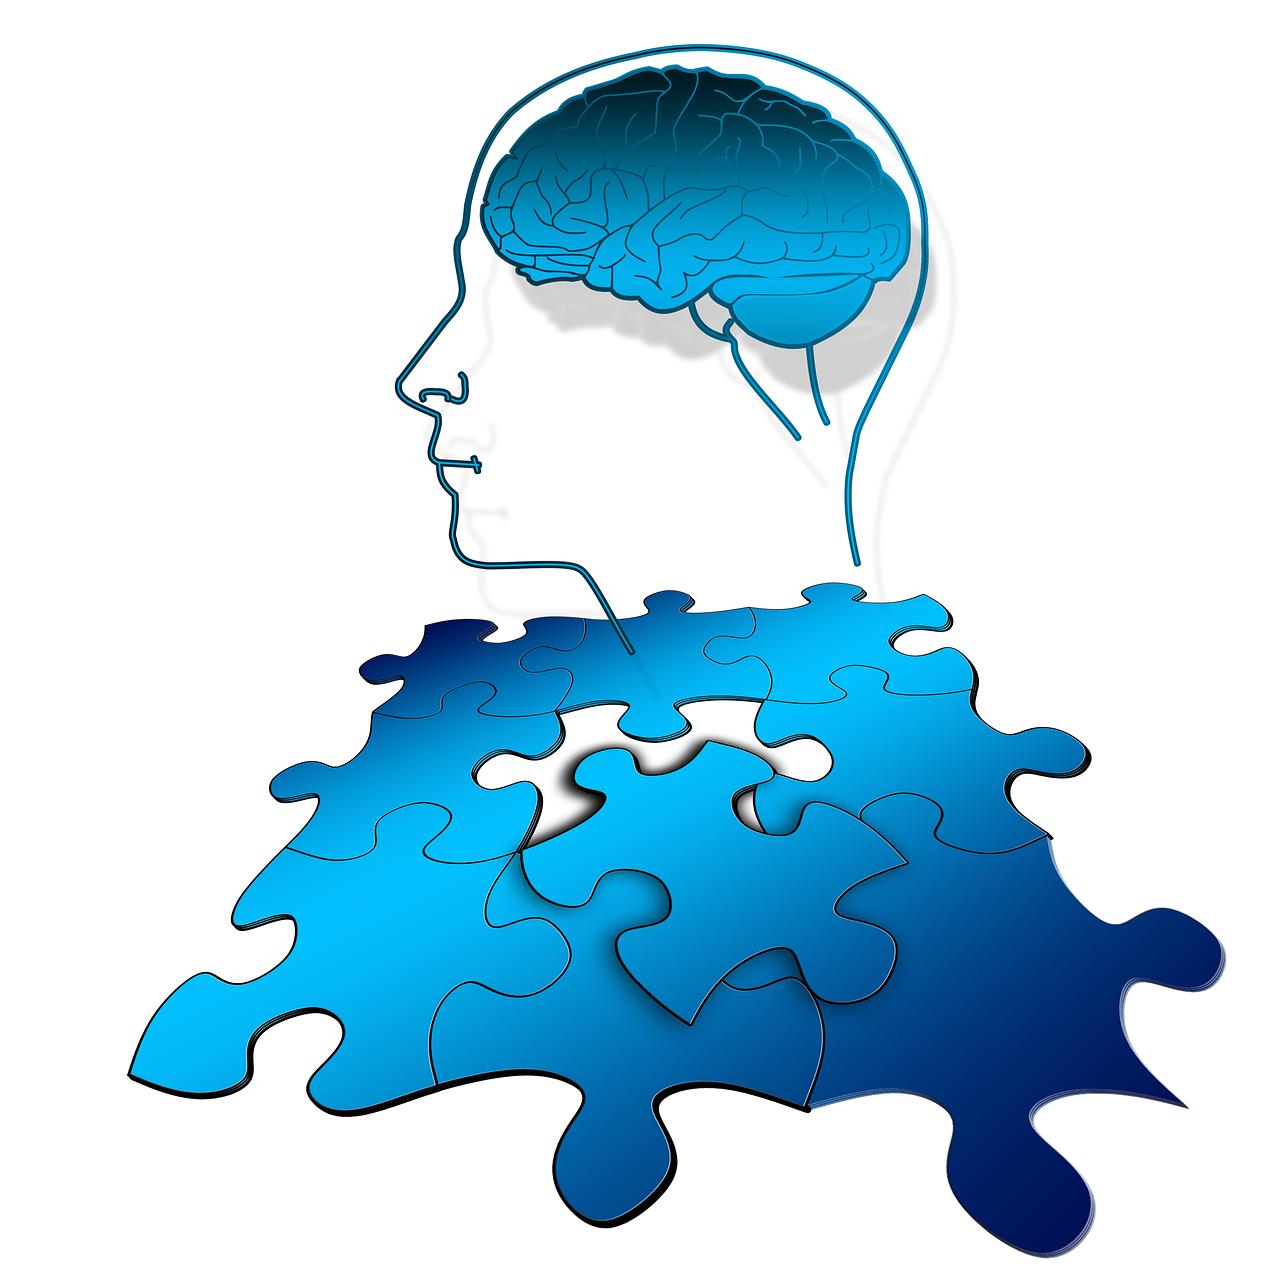 brain puzzle-1746552_1280